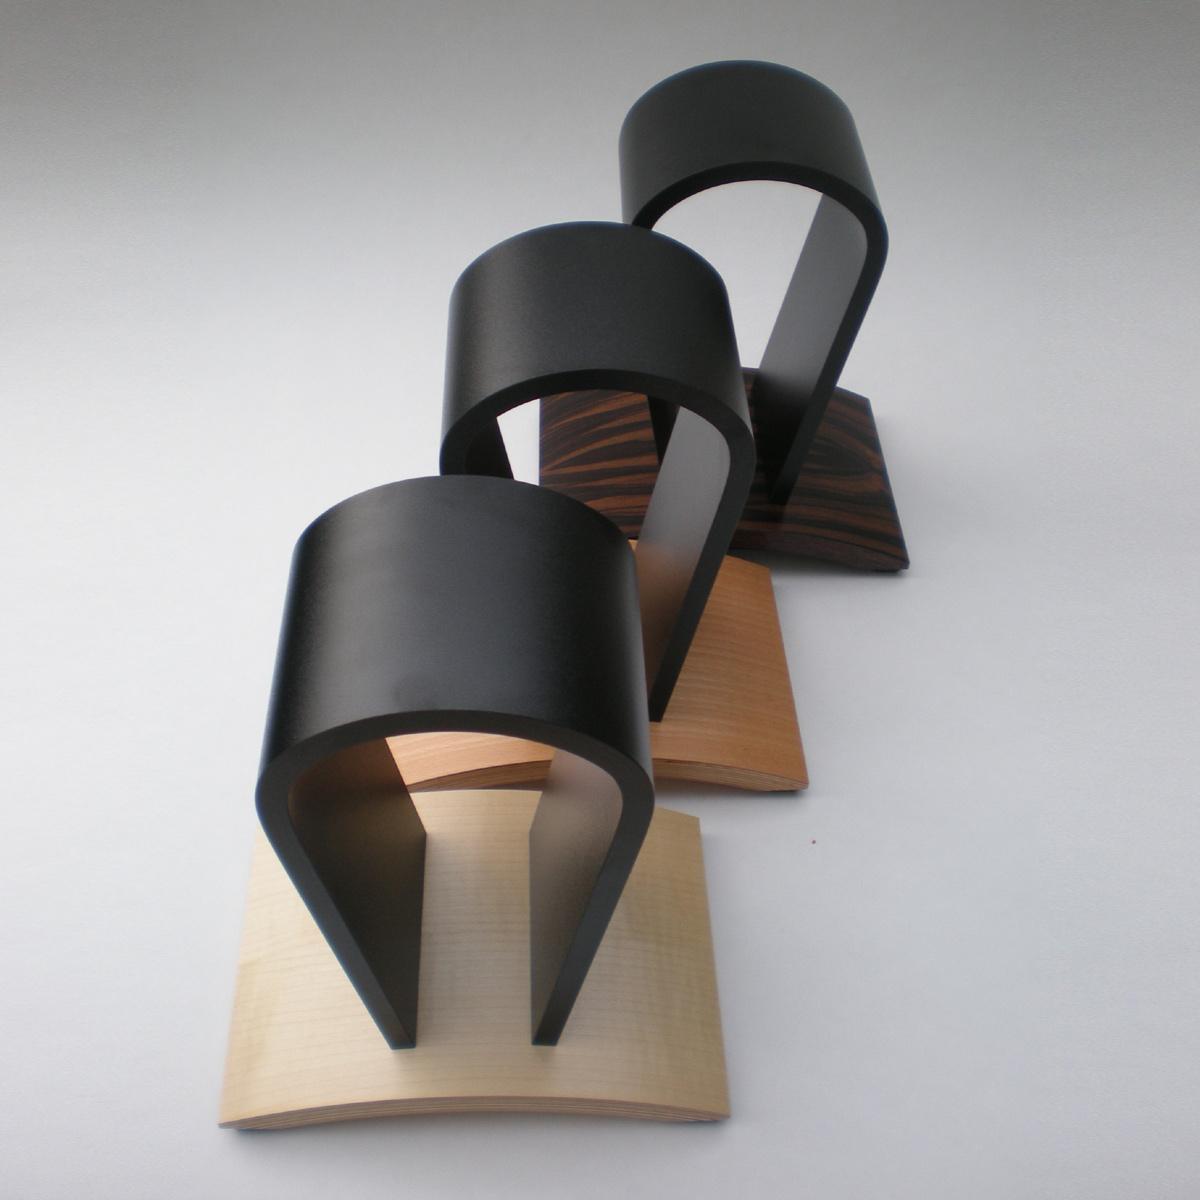 Ein Kopfhoererhalter zur schonenden Aufbewahrung. Perfekte Belüfftung. In verschiedenen Edelhölzern wählbar. Modell Rooms II.